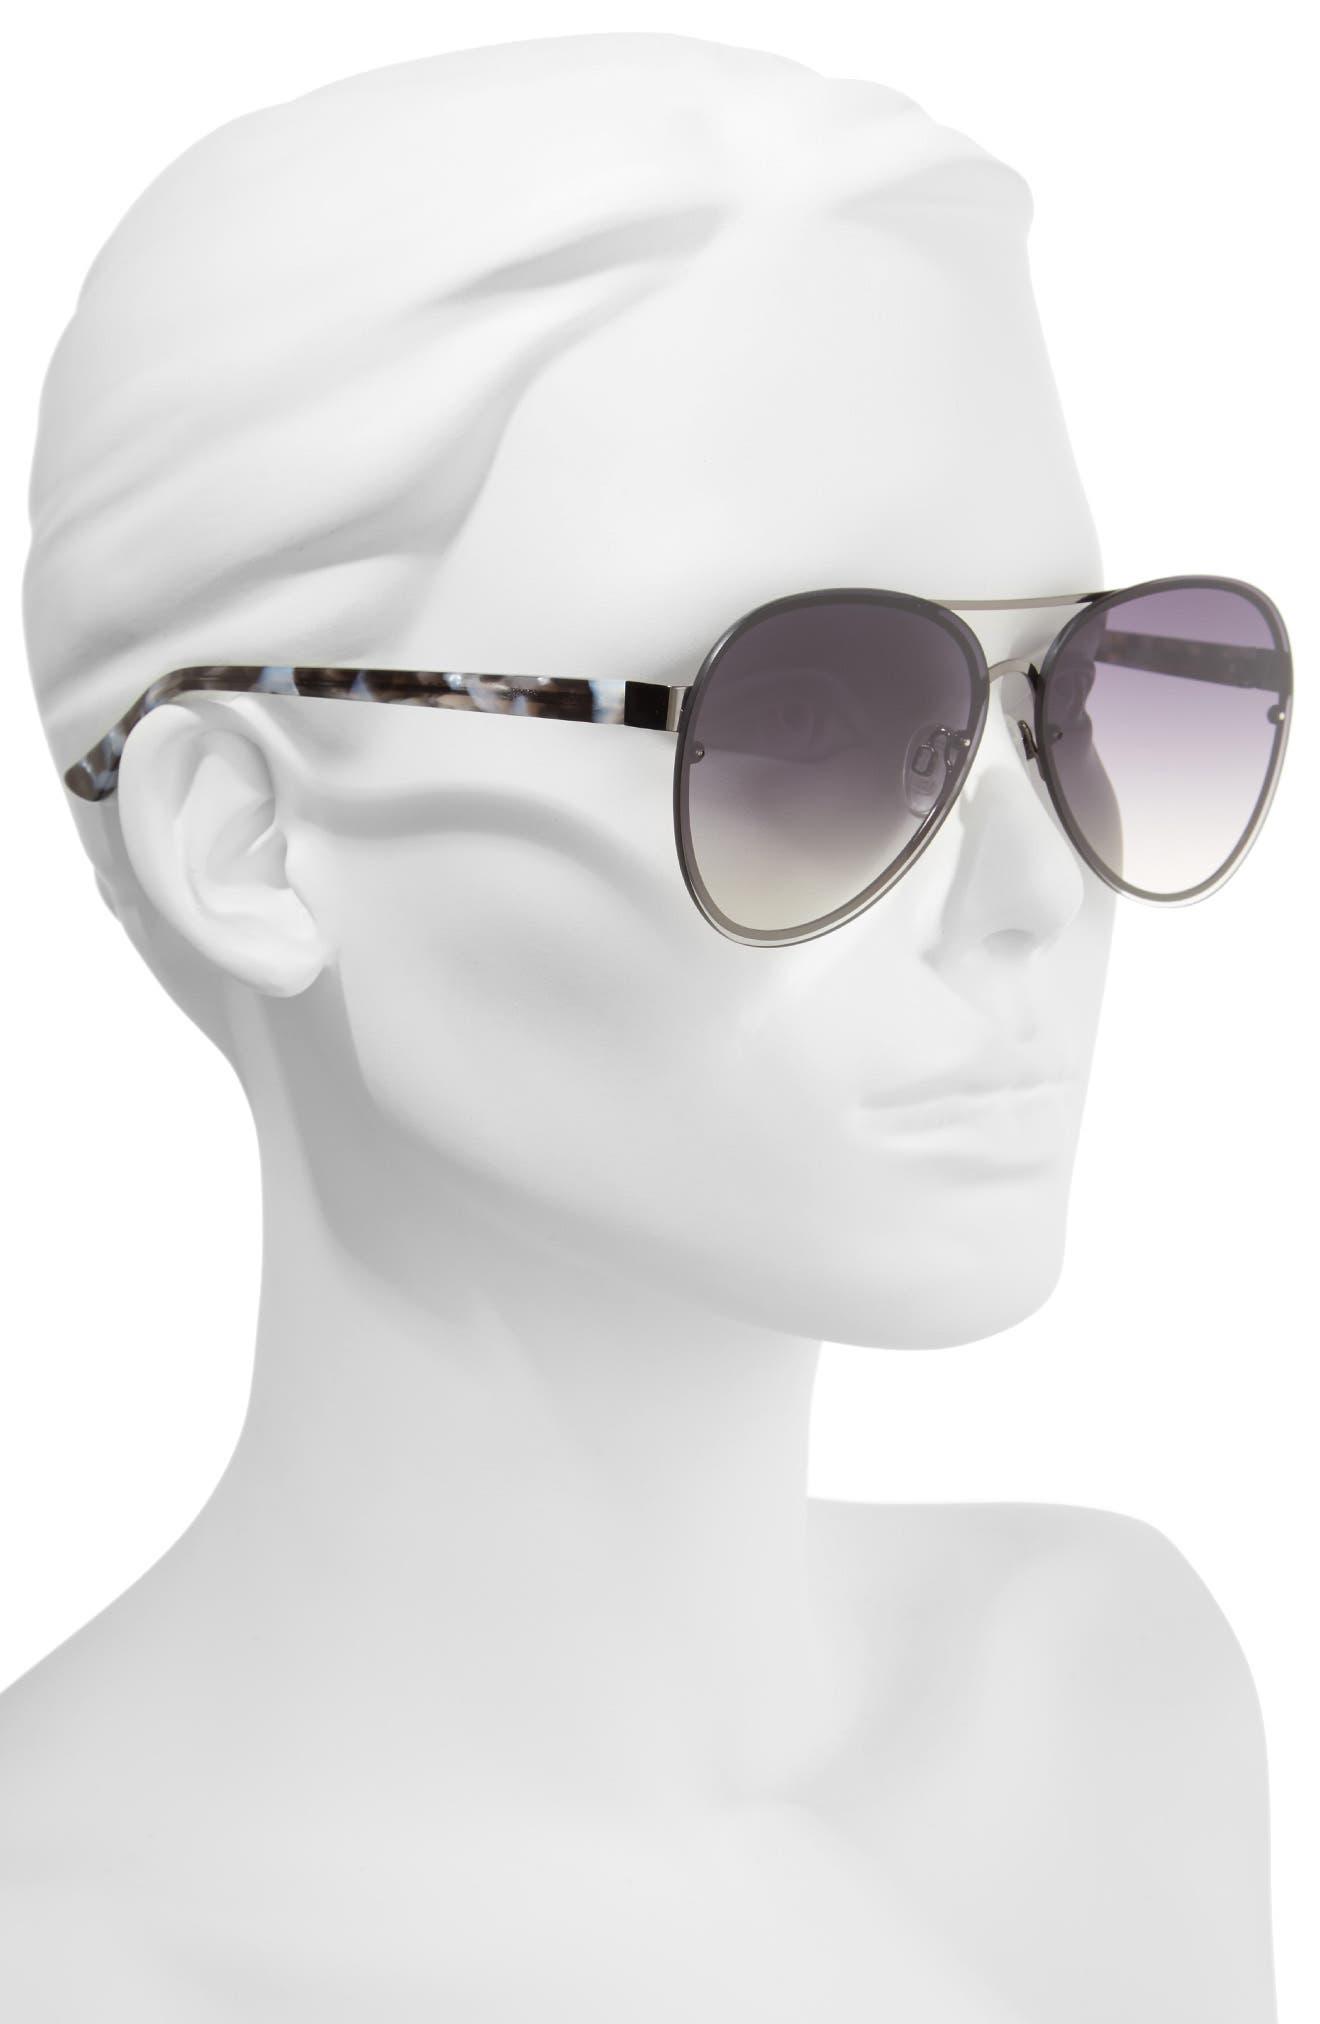 Straight Flush 64mm Aviator Sunglasses,                             Alternate thumbnail 2, color,                             020